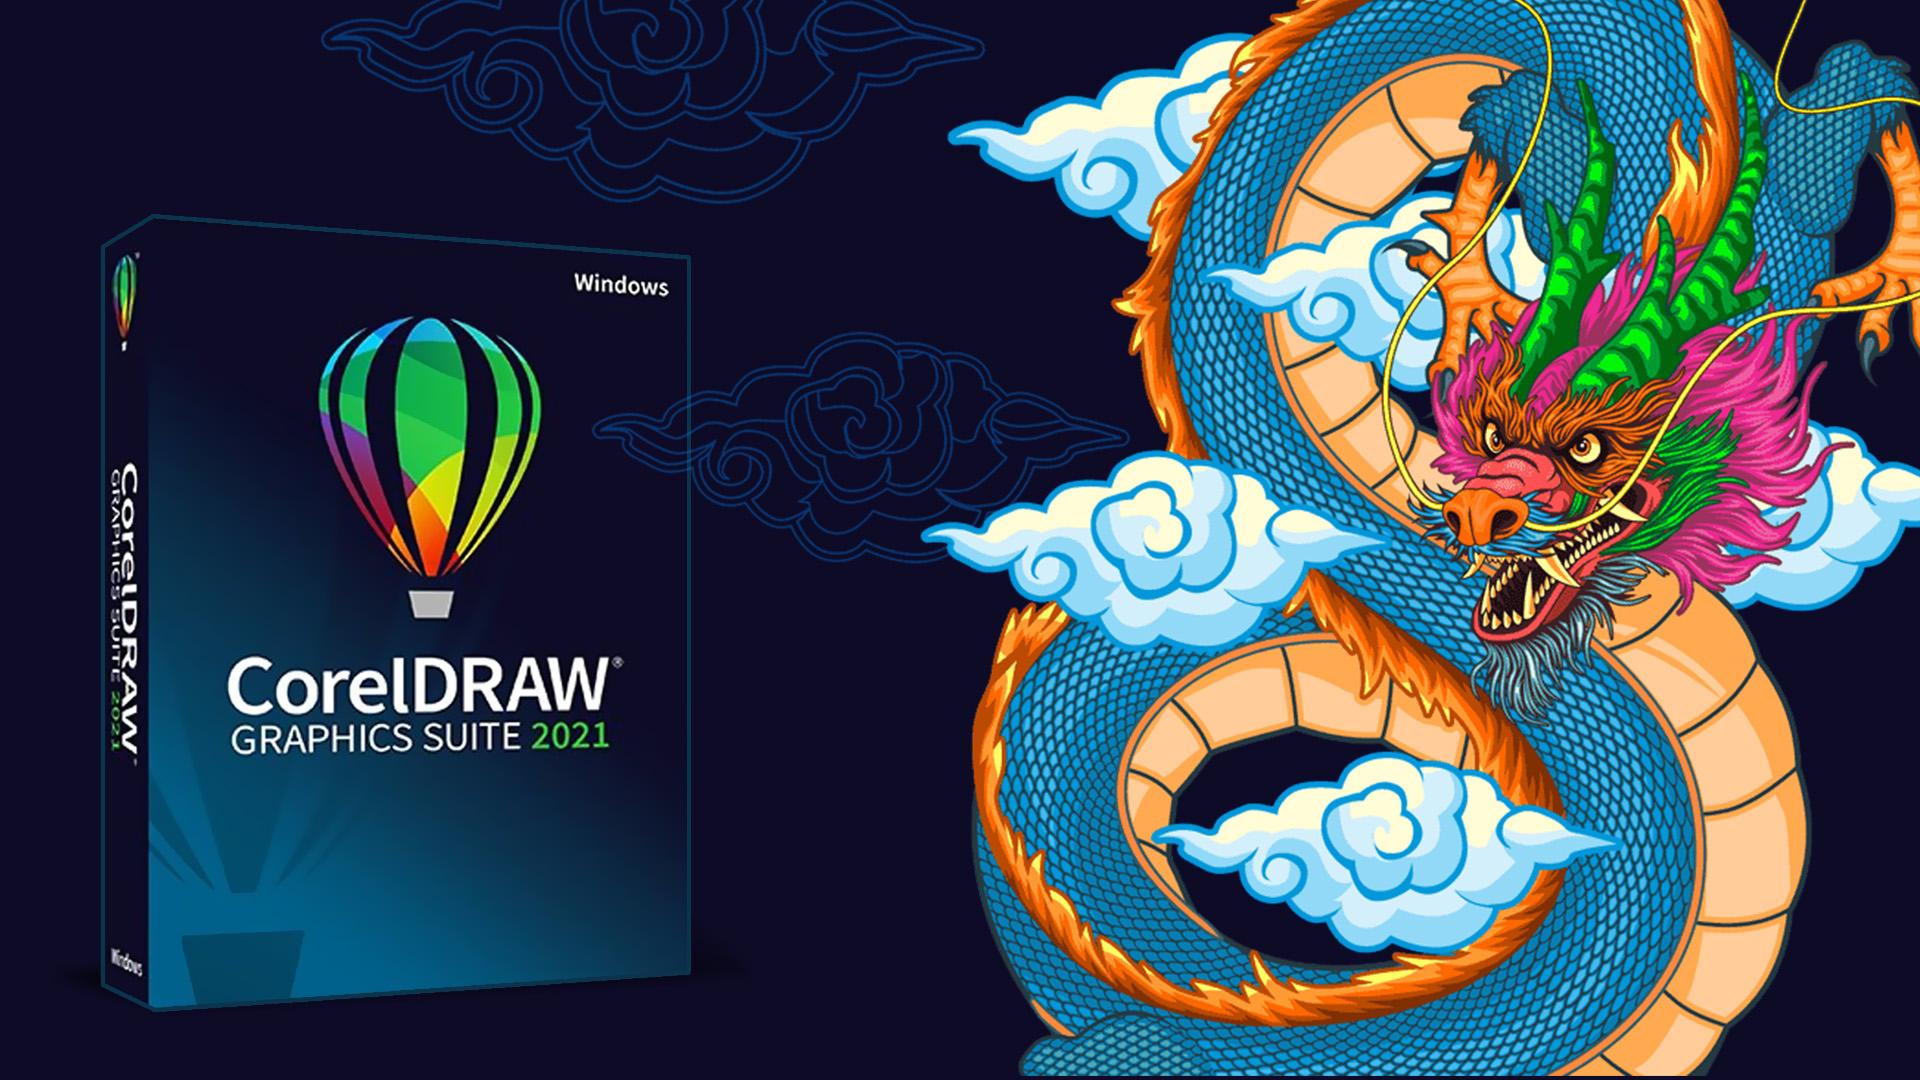 Corel ra mắt CorelDRAW Graphics Suite 2021